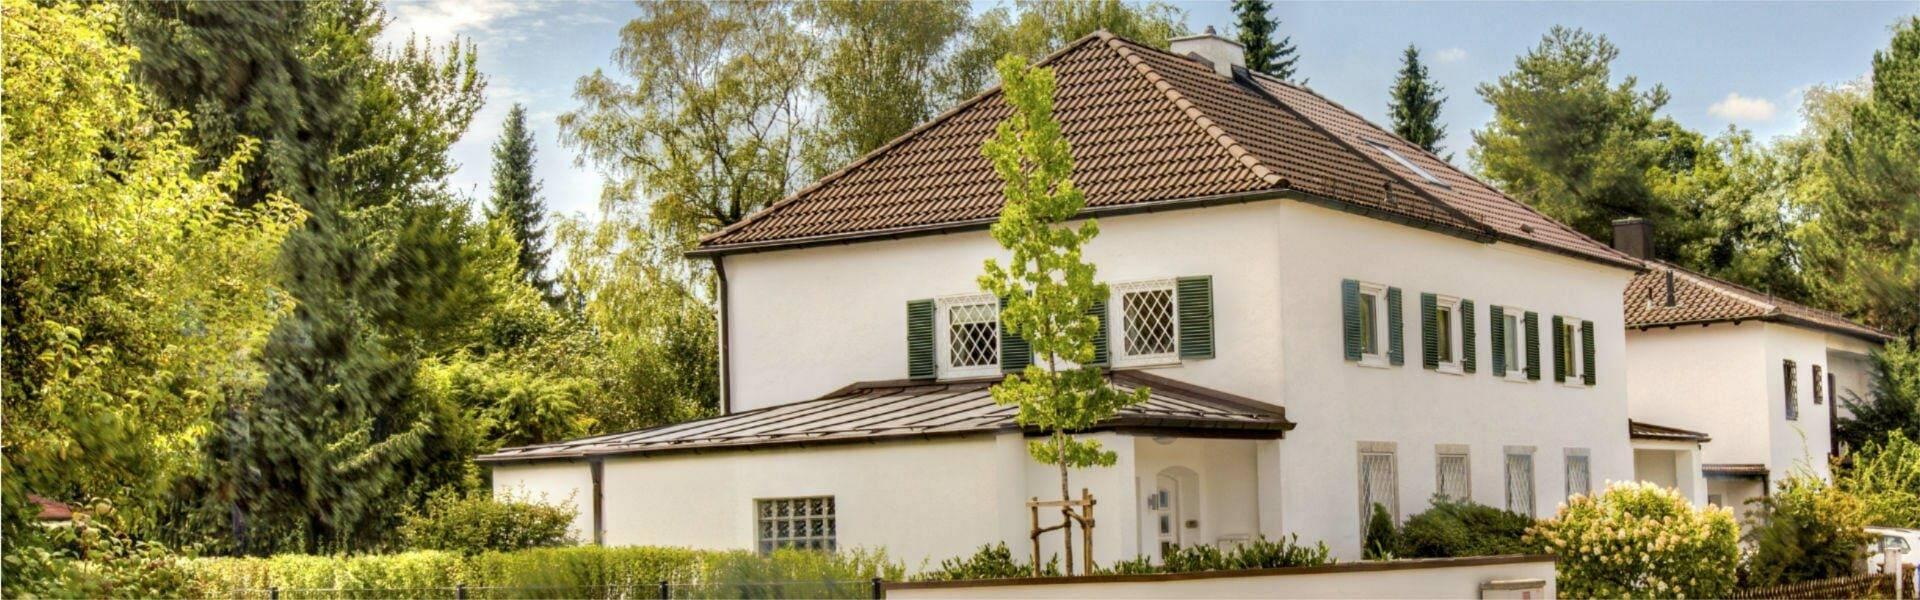 Erstklassige Fotos von Ihren Immobilien